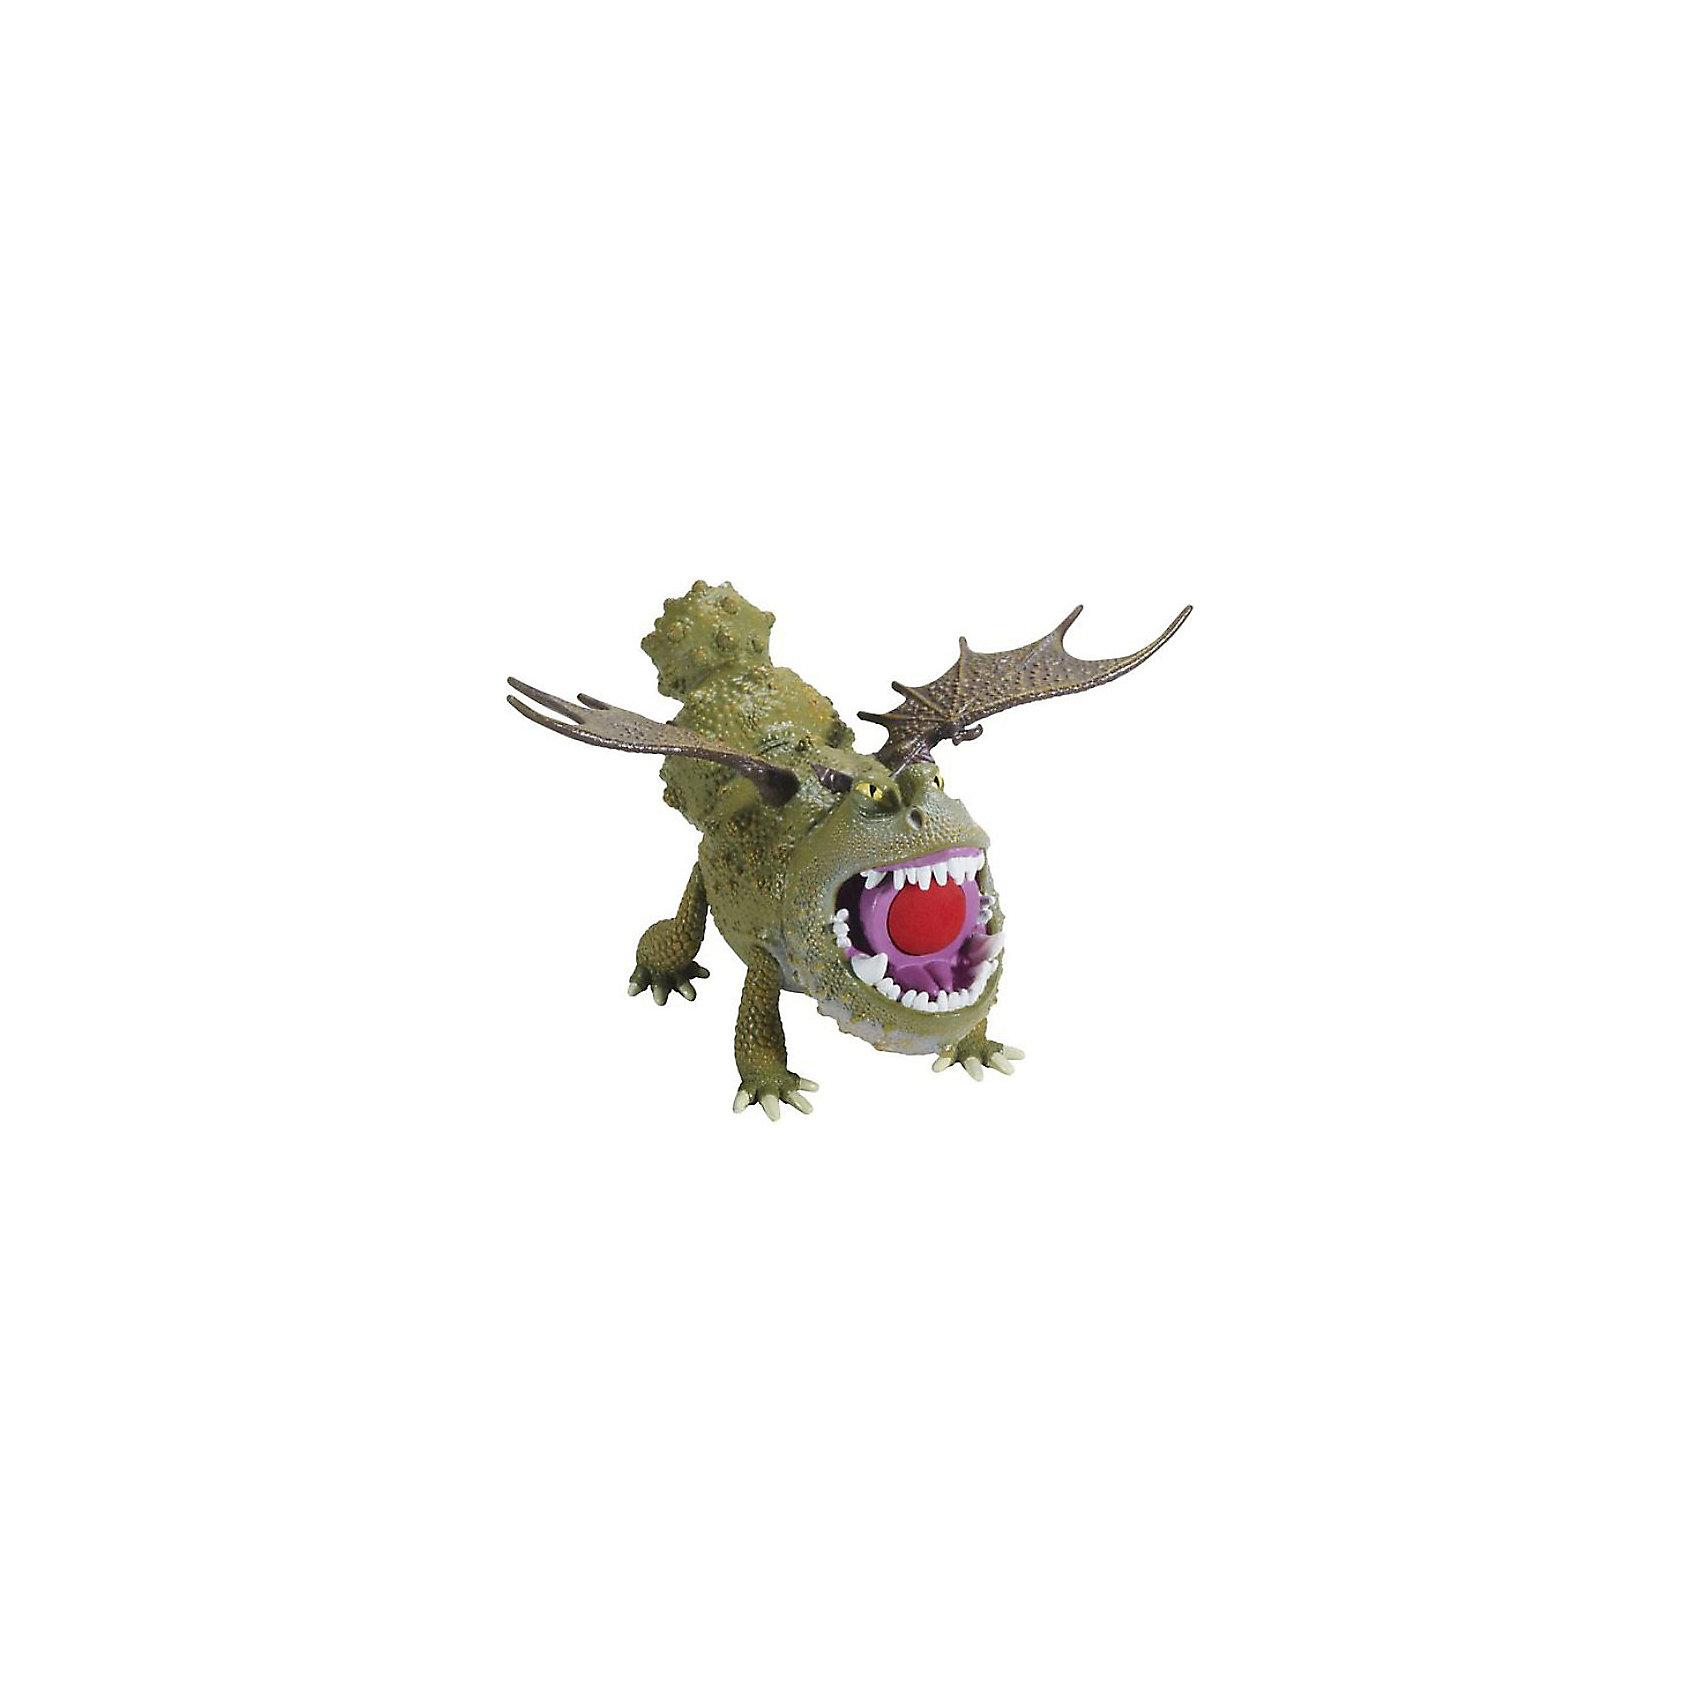 Функциональные драконы Крушиголов, Как приручить дракона, Spin MasterХарактеристики товара:<br><br>- цвет: разноцветный;<br>- материал: пластик;<br>- размер игрушки: 30-35 см;<br>- вес: 500 г.<br><br>Играть с фигурками из любимого мультфильма - вдвойне интереснее! Фигурки героев мультика Как приручить дракона очень красивые, они хорошо детализированы. Каждая фигурка отлично выполнена, очень похожа на героя мультика, поэтому она станет желанным подарком для ребенка. Такое изделие отлично тренирует у ребенка разные навыки: играя с фигурками, ребенок развивает мелкую моторику, цветовосприятие, внимание, воображение и творческое мышление. <br>Игрушки имеют свои уникальные боевые функции, также на них есть место для всадника. Из этих фигурок можно собрать целую коллекцию! Изделие произведено из качественных проверенных материалов, безопасных для малышей.<br><br>Функциональные драконы Крушиголов, Как приручить дракона, от бренда Spin Master можно купить в нашем интернет-магазине.<br><br>Ширина мм: 295<br>Глубина мм: 213<br>Высота мм: 109<br>Вес г: 231<br>Возраст от месяцев: 36<br>Возраст до месяцев: 2147483647<br>Пол: Мужской<br>Возраст: Детский<br>SKU: 5140240